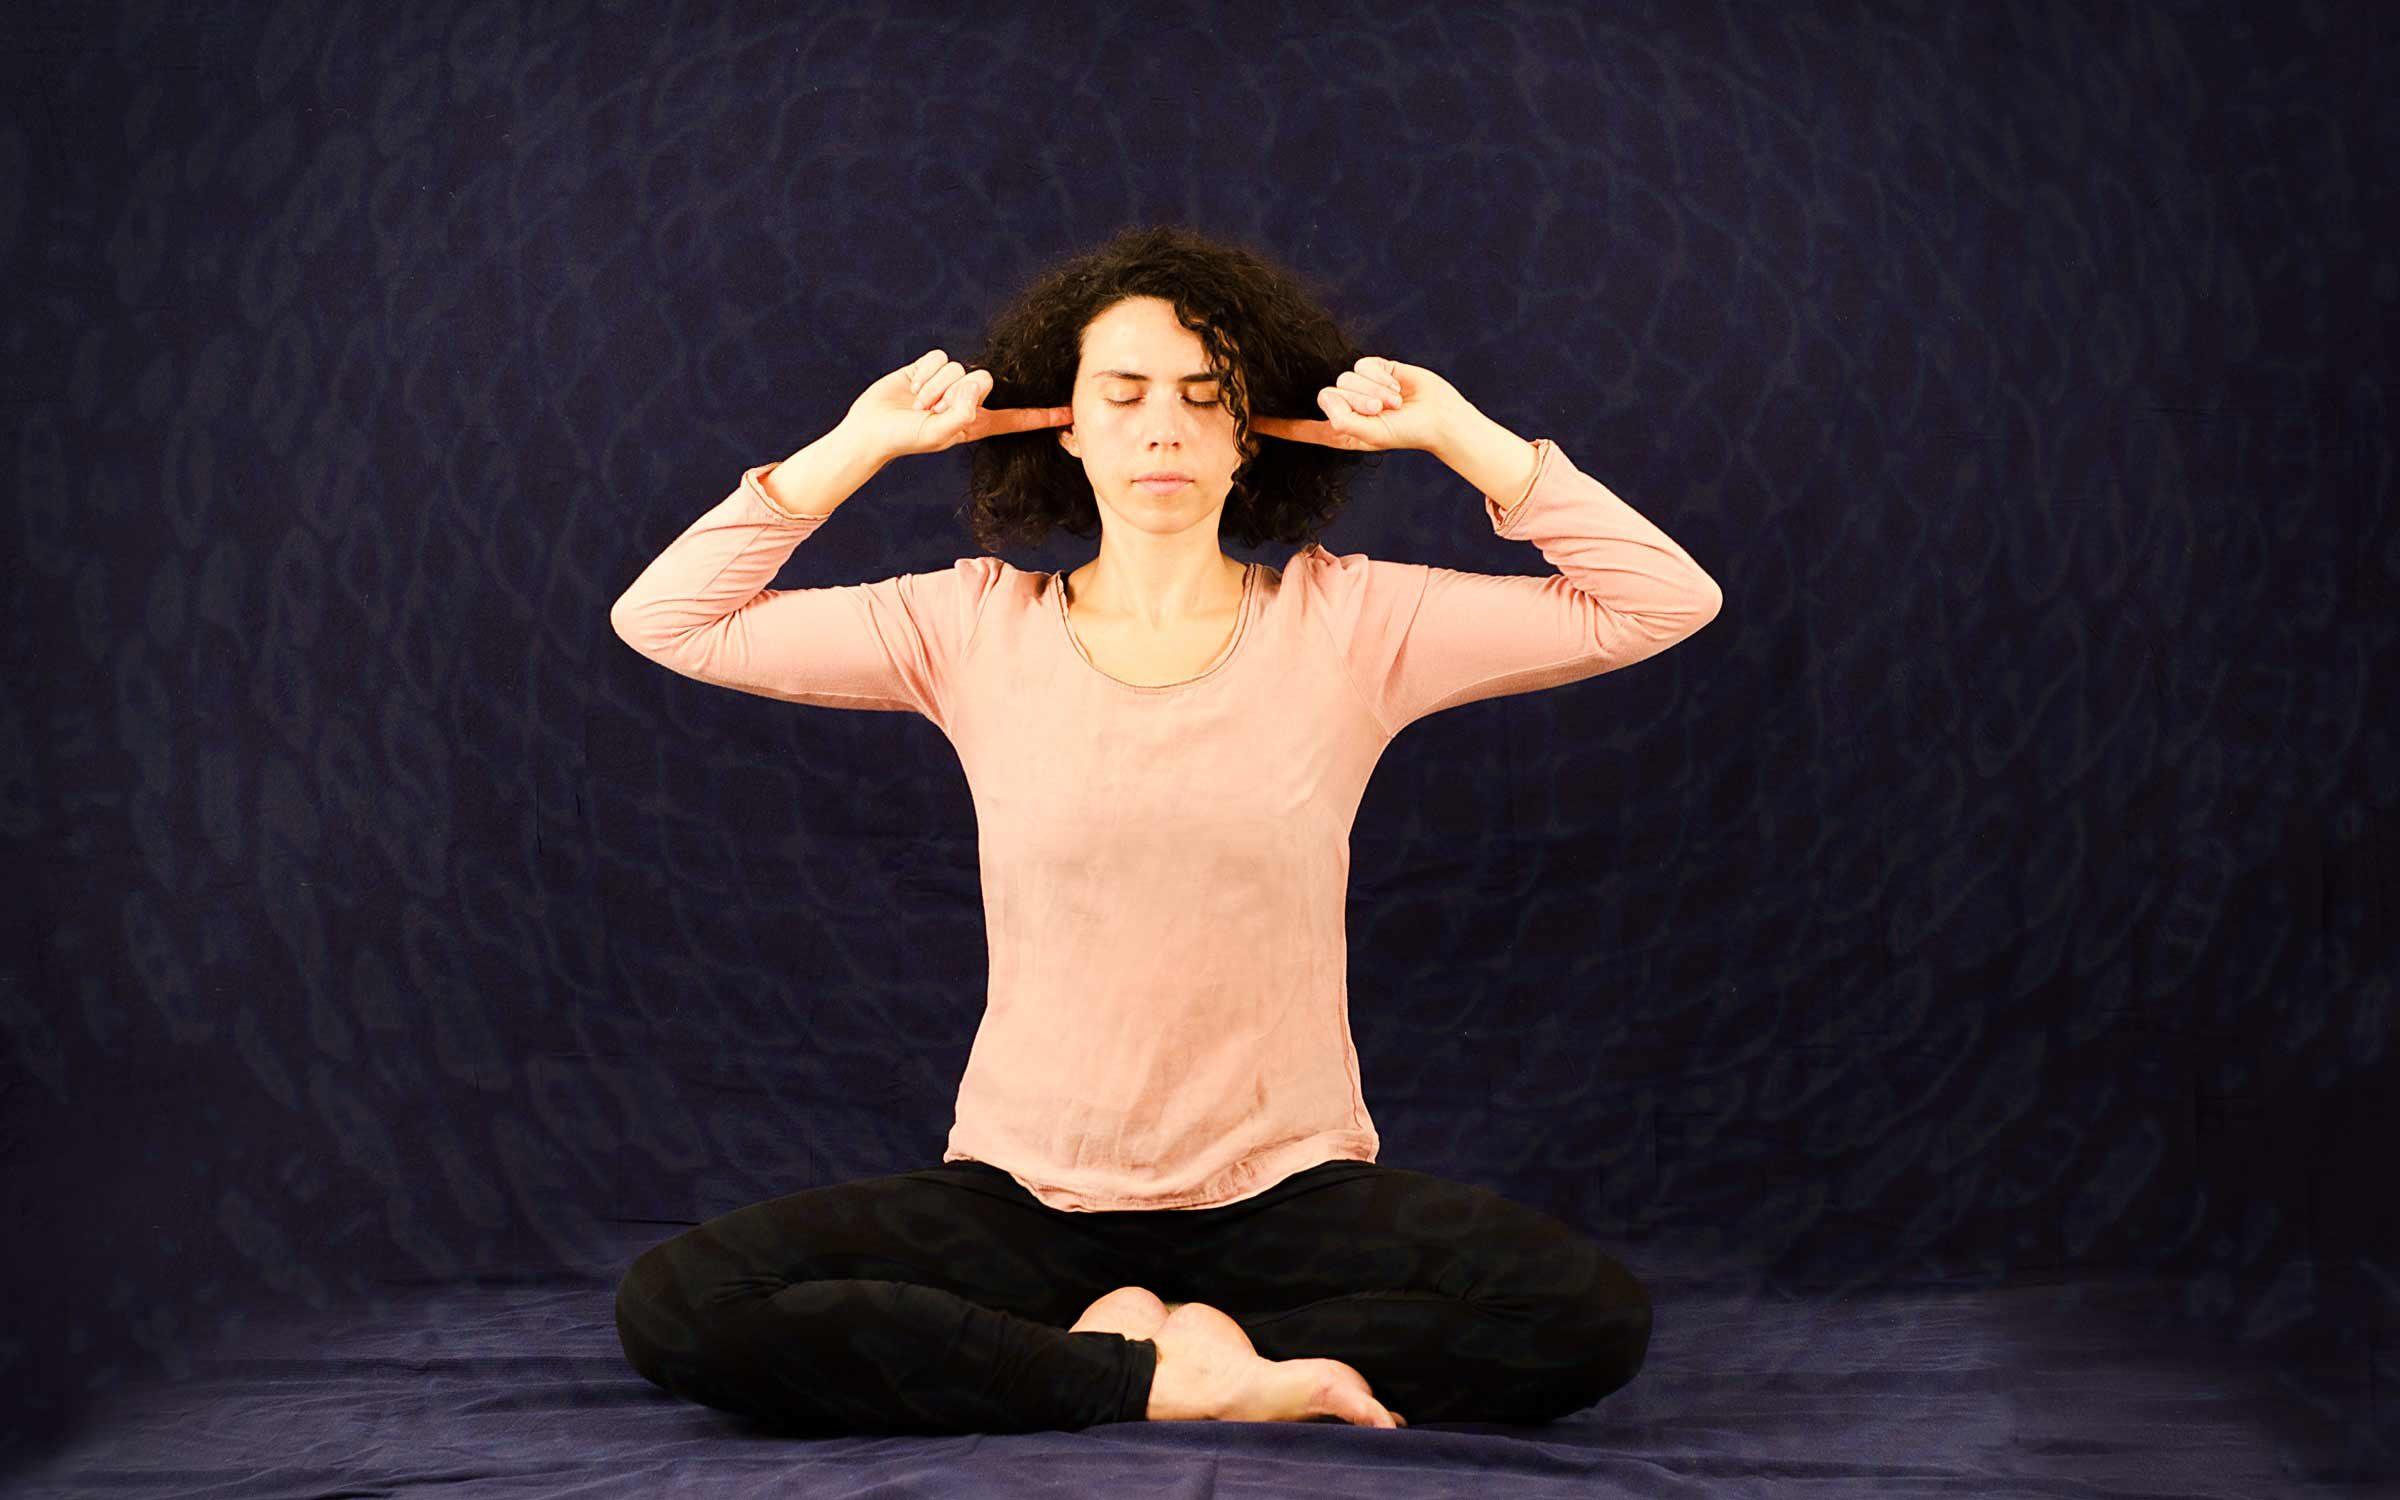 Bhramarai pranayama, the vibrating breathing exercise of hatha yoga.